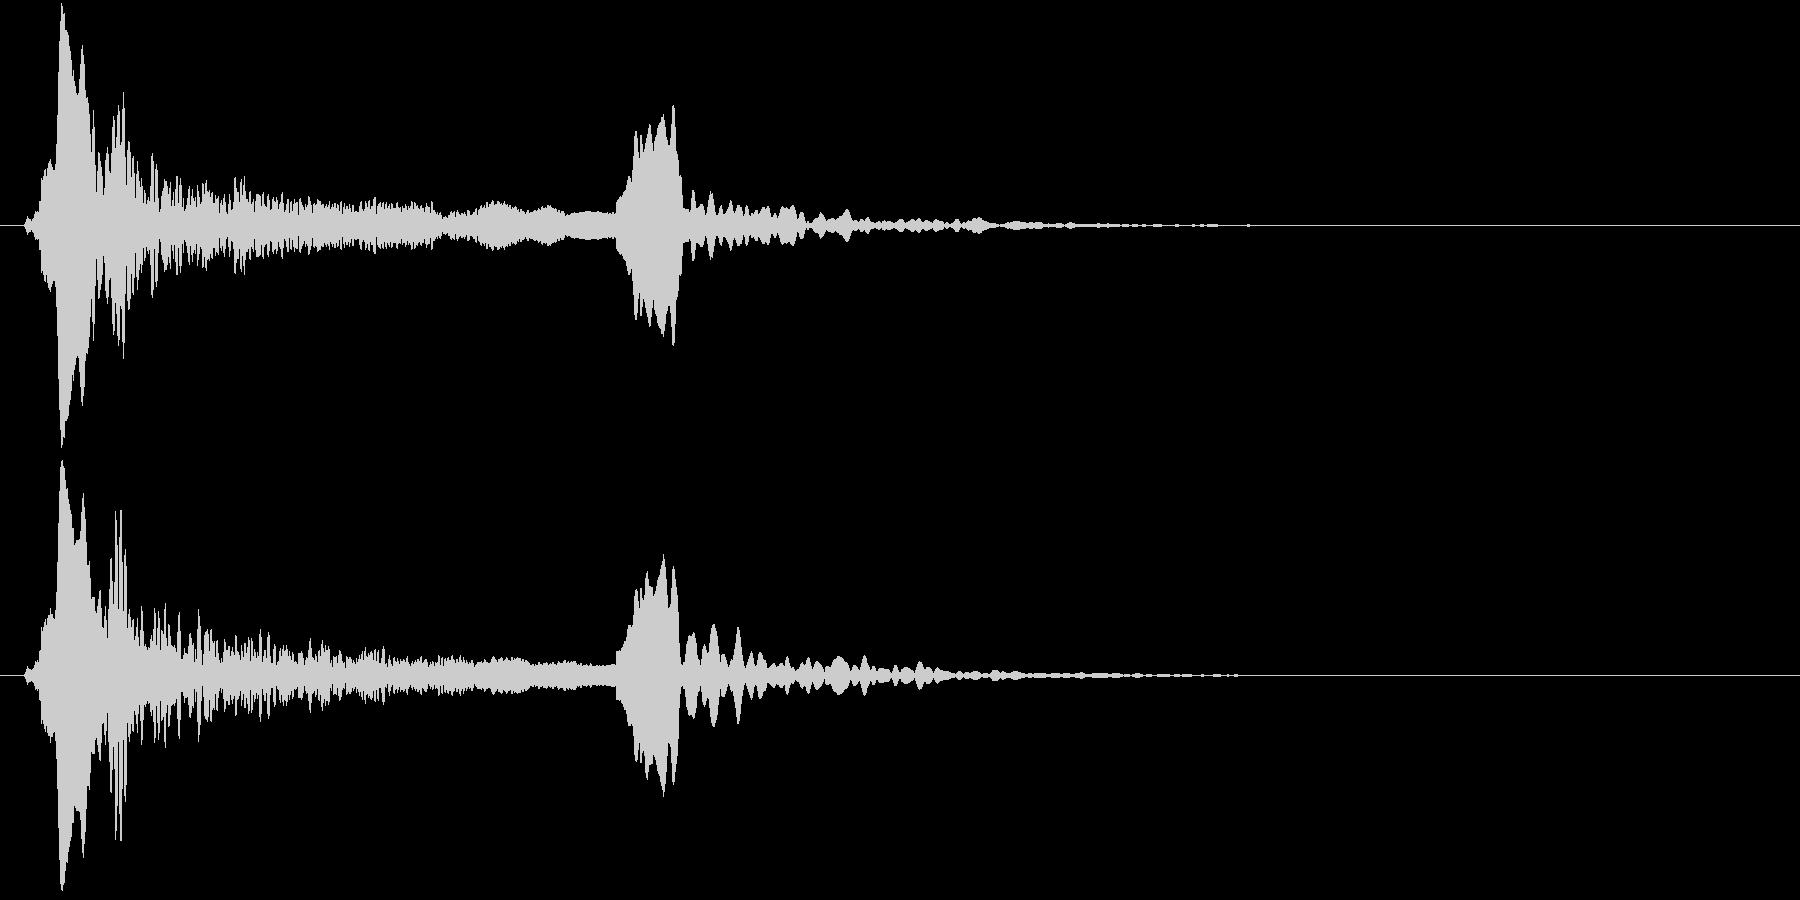 「ピィーピッ」能管ひしぎ、短め+リバーブの未再生の波形